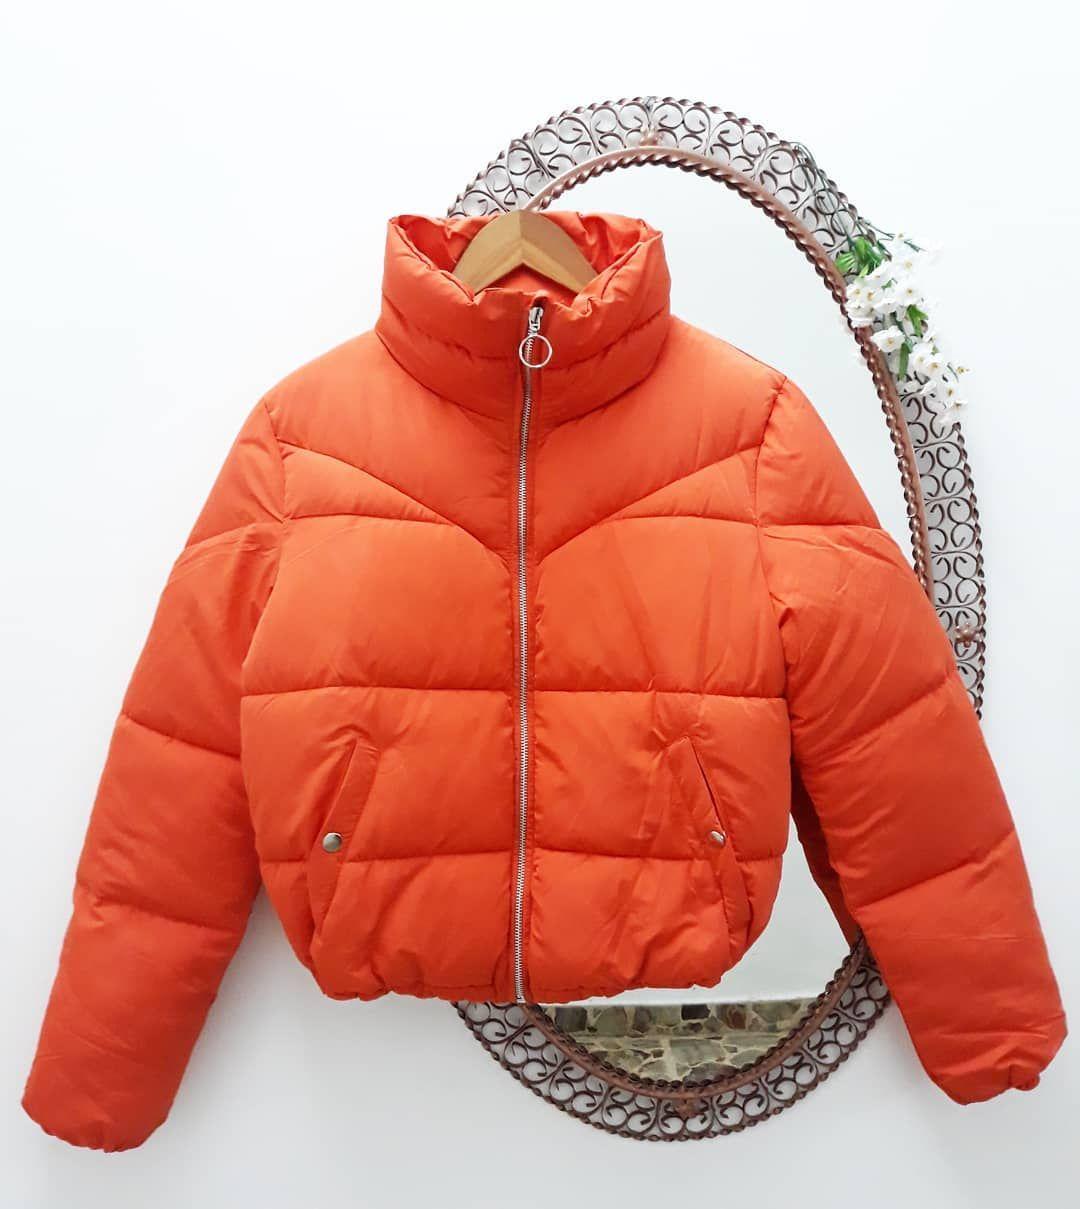 Puffer Jacket Disponible Unicamente En Roja Negra Y Naranja Talles S M L Color Uva Talle L Aceptamos Tarjetas Y Hacemos E Fashion Winter Jackets Jackets [ 1209 x 1080 Pixel ]